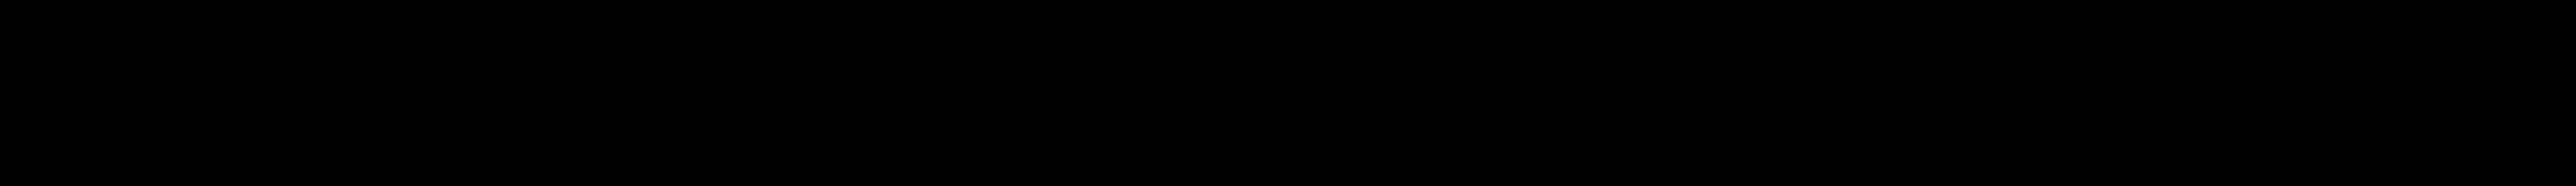 Dark Half BTN Extended Bold